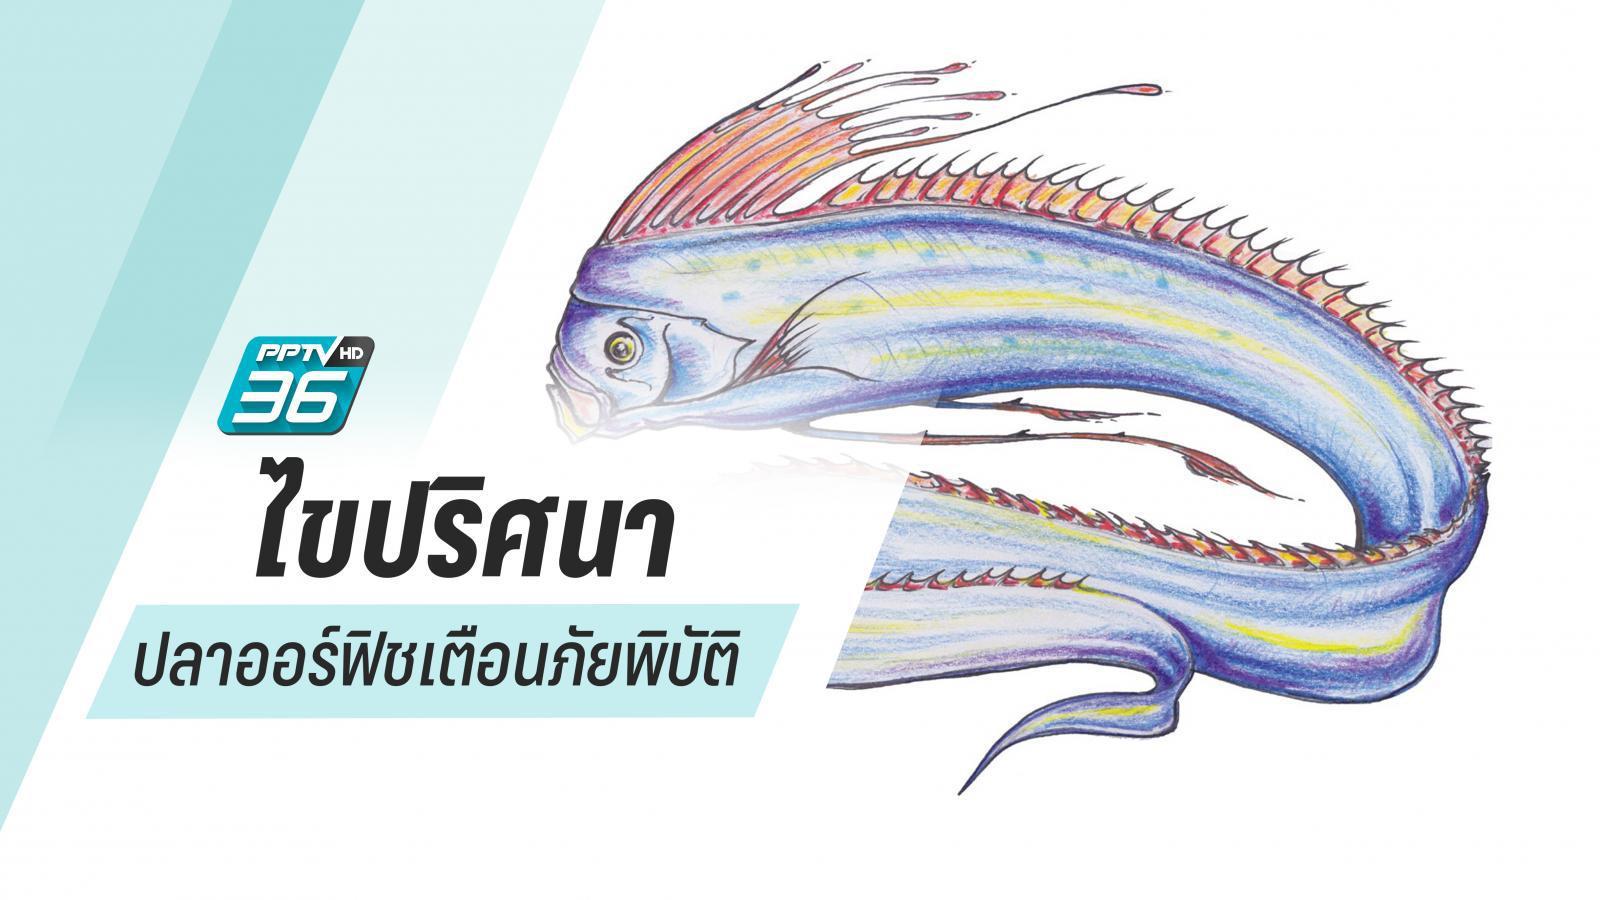 ปลาพญานาค (ออร์ฟิช) เยือนญี่ปุ่น ฤาภัยพิบัติจะบังเกิด!?